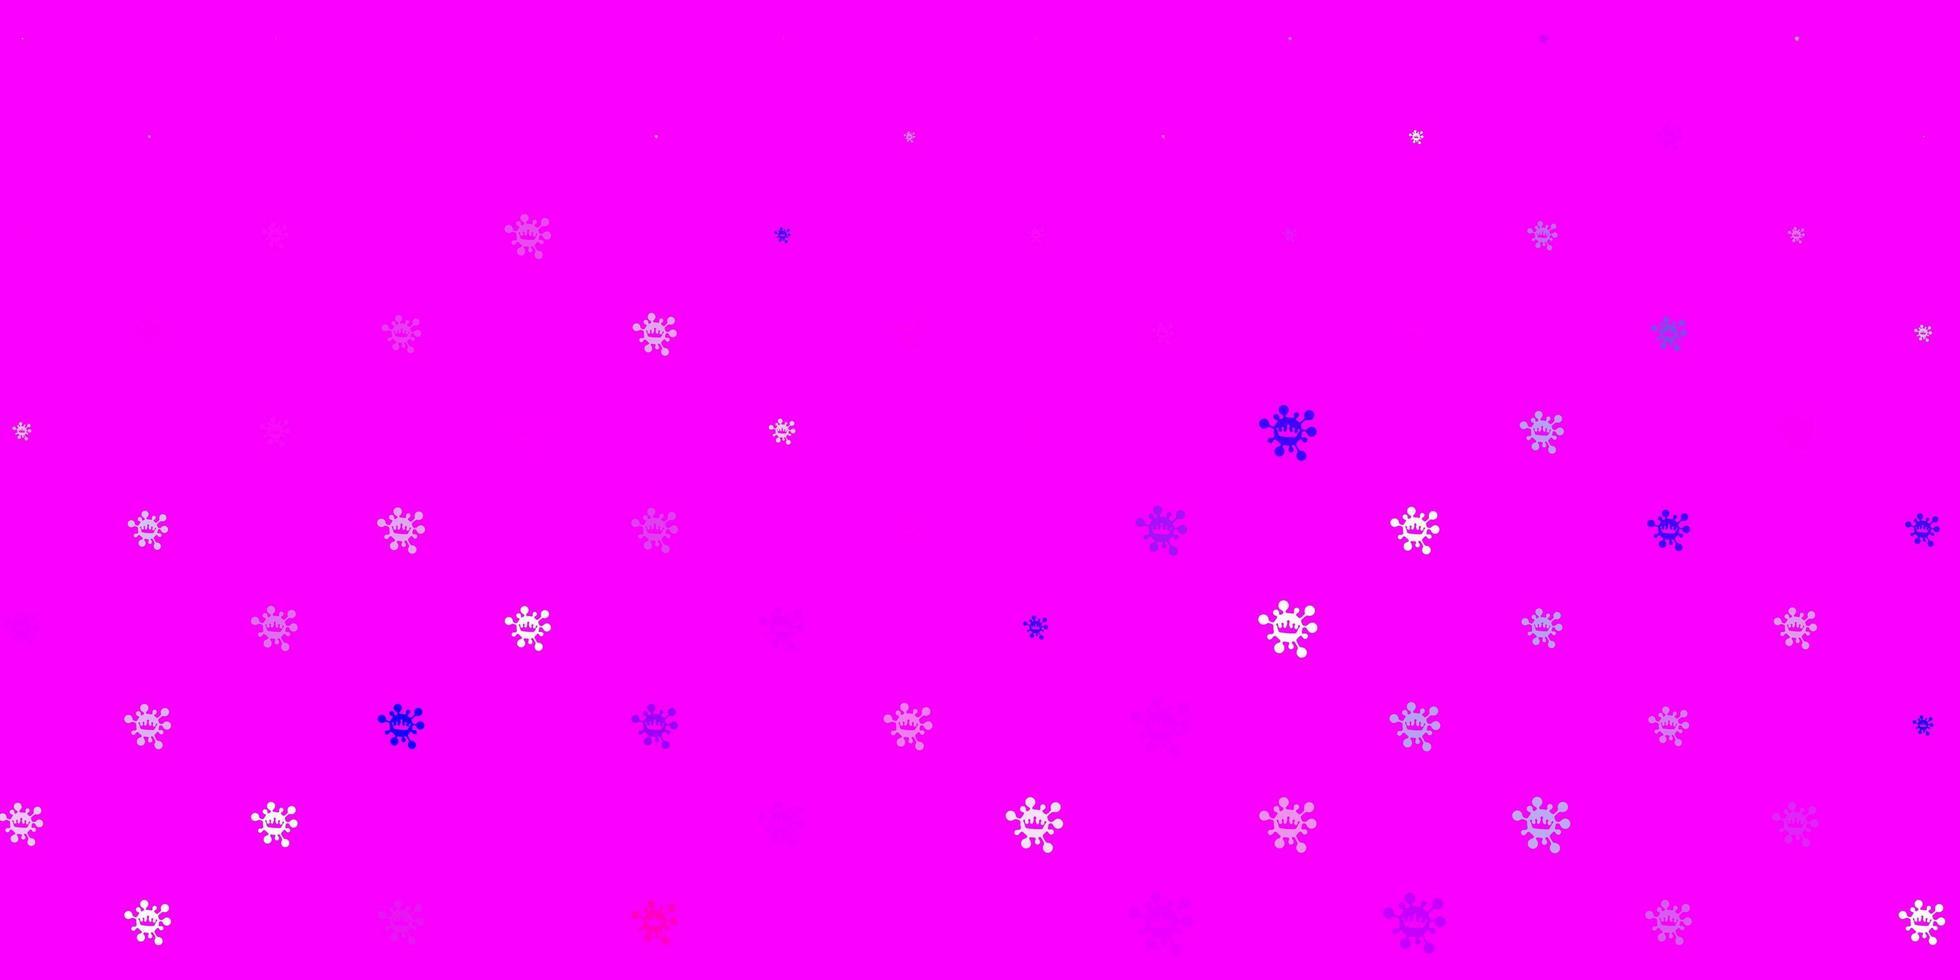 lichtpaars, roze vectorpatroon met coronaviruselementen vector